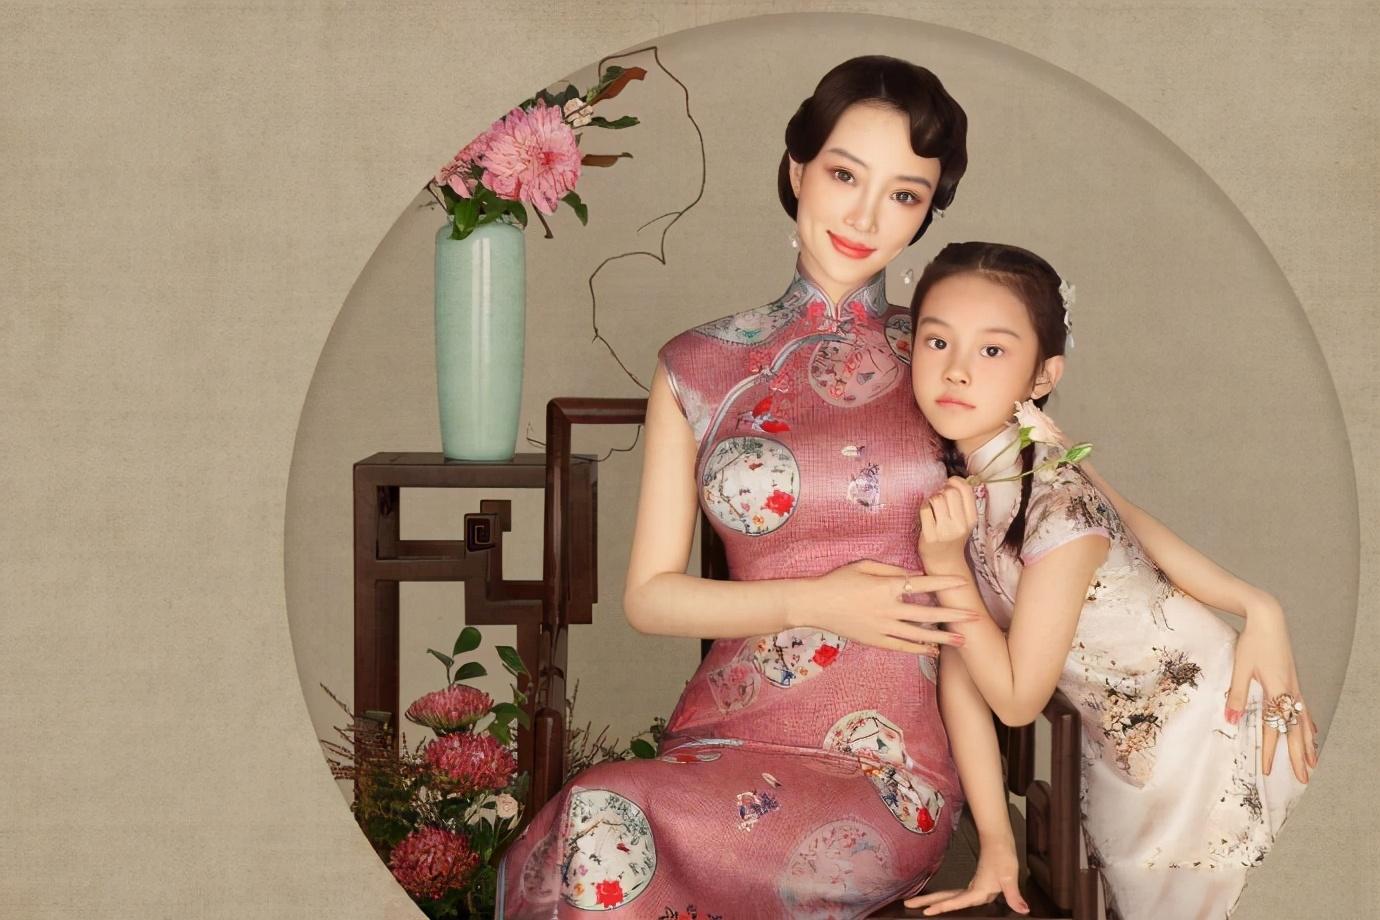 李小璐晒女儿古装写真庆生,甜馨化身古风小美女,越长越像妈妈